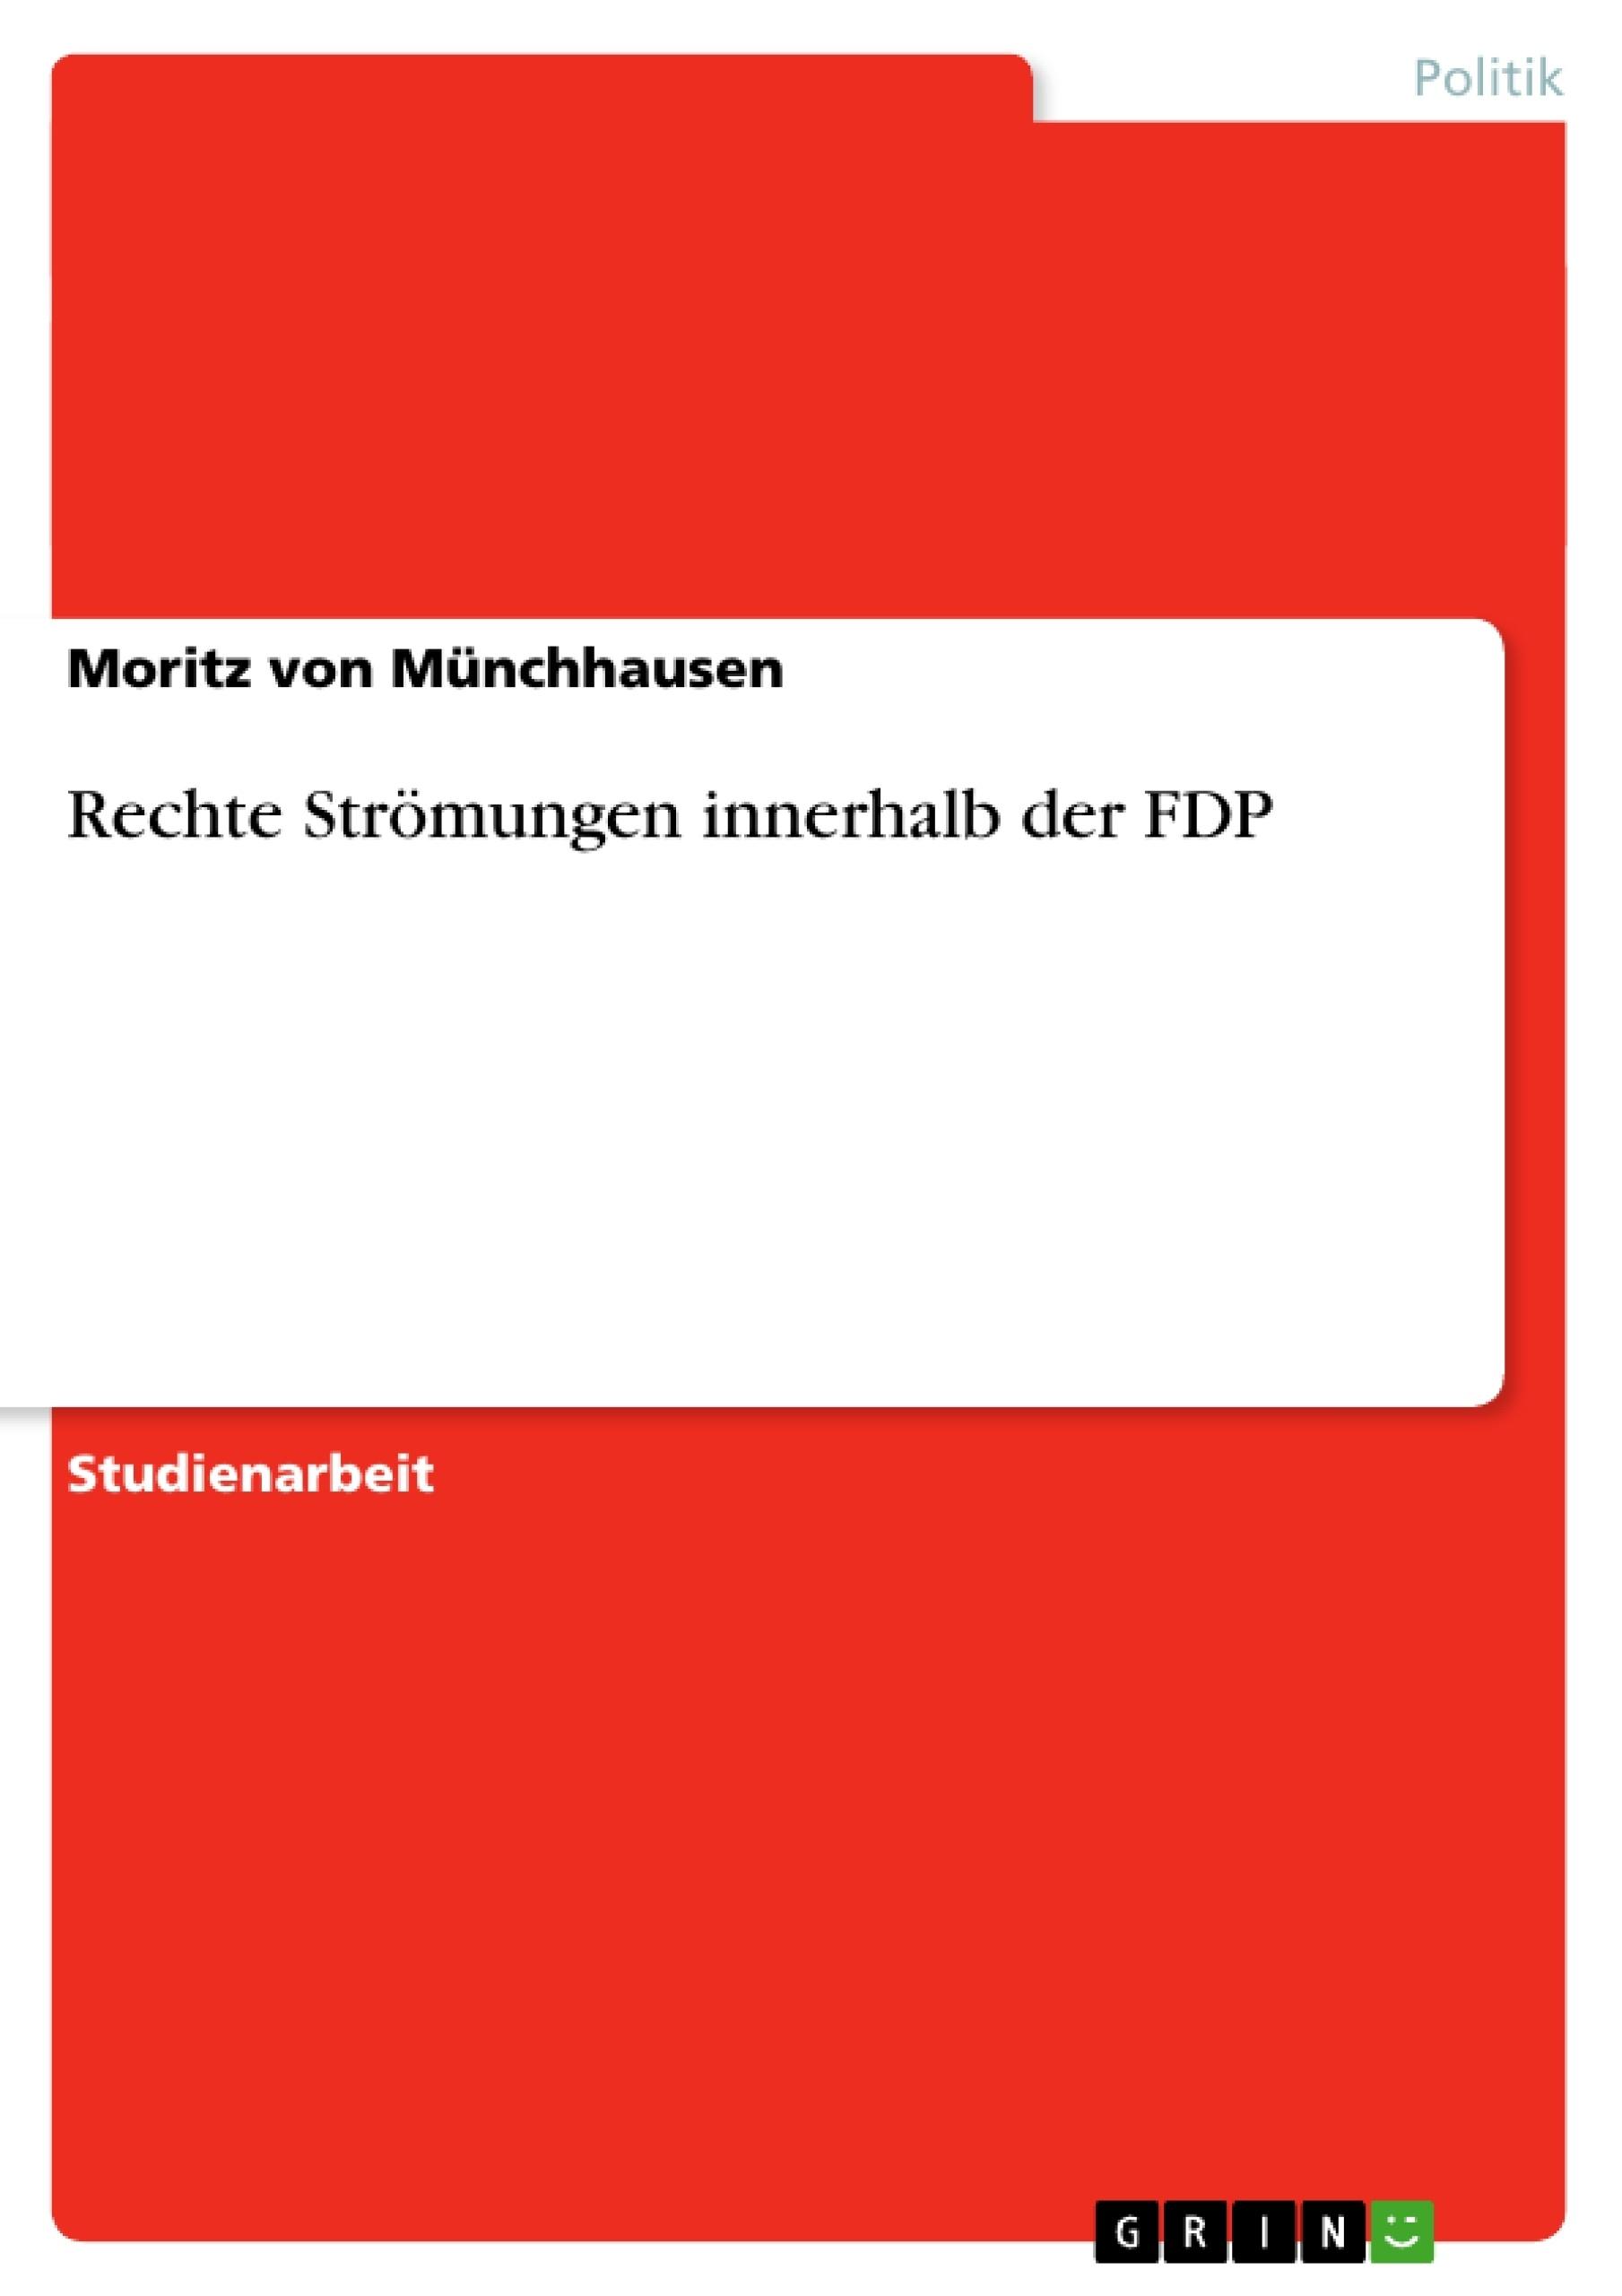 Titel: Rechte Strömungen innerhalb der FDP